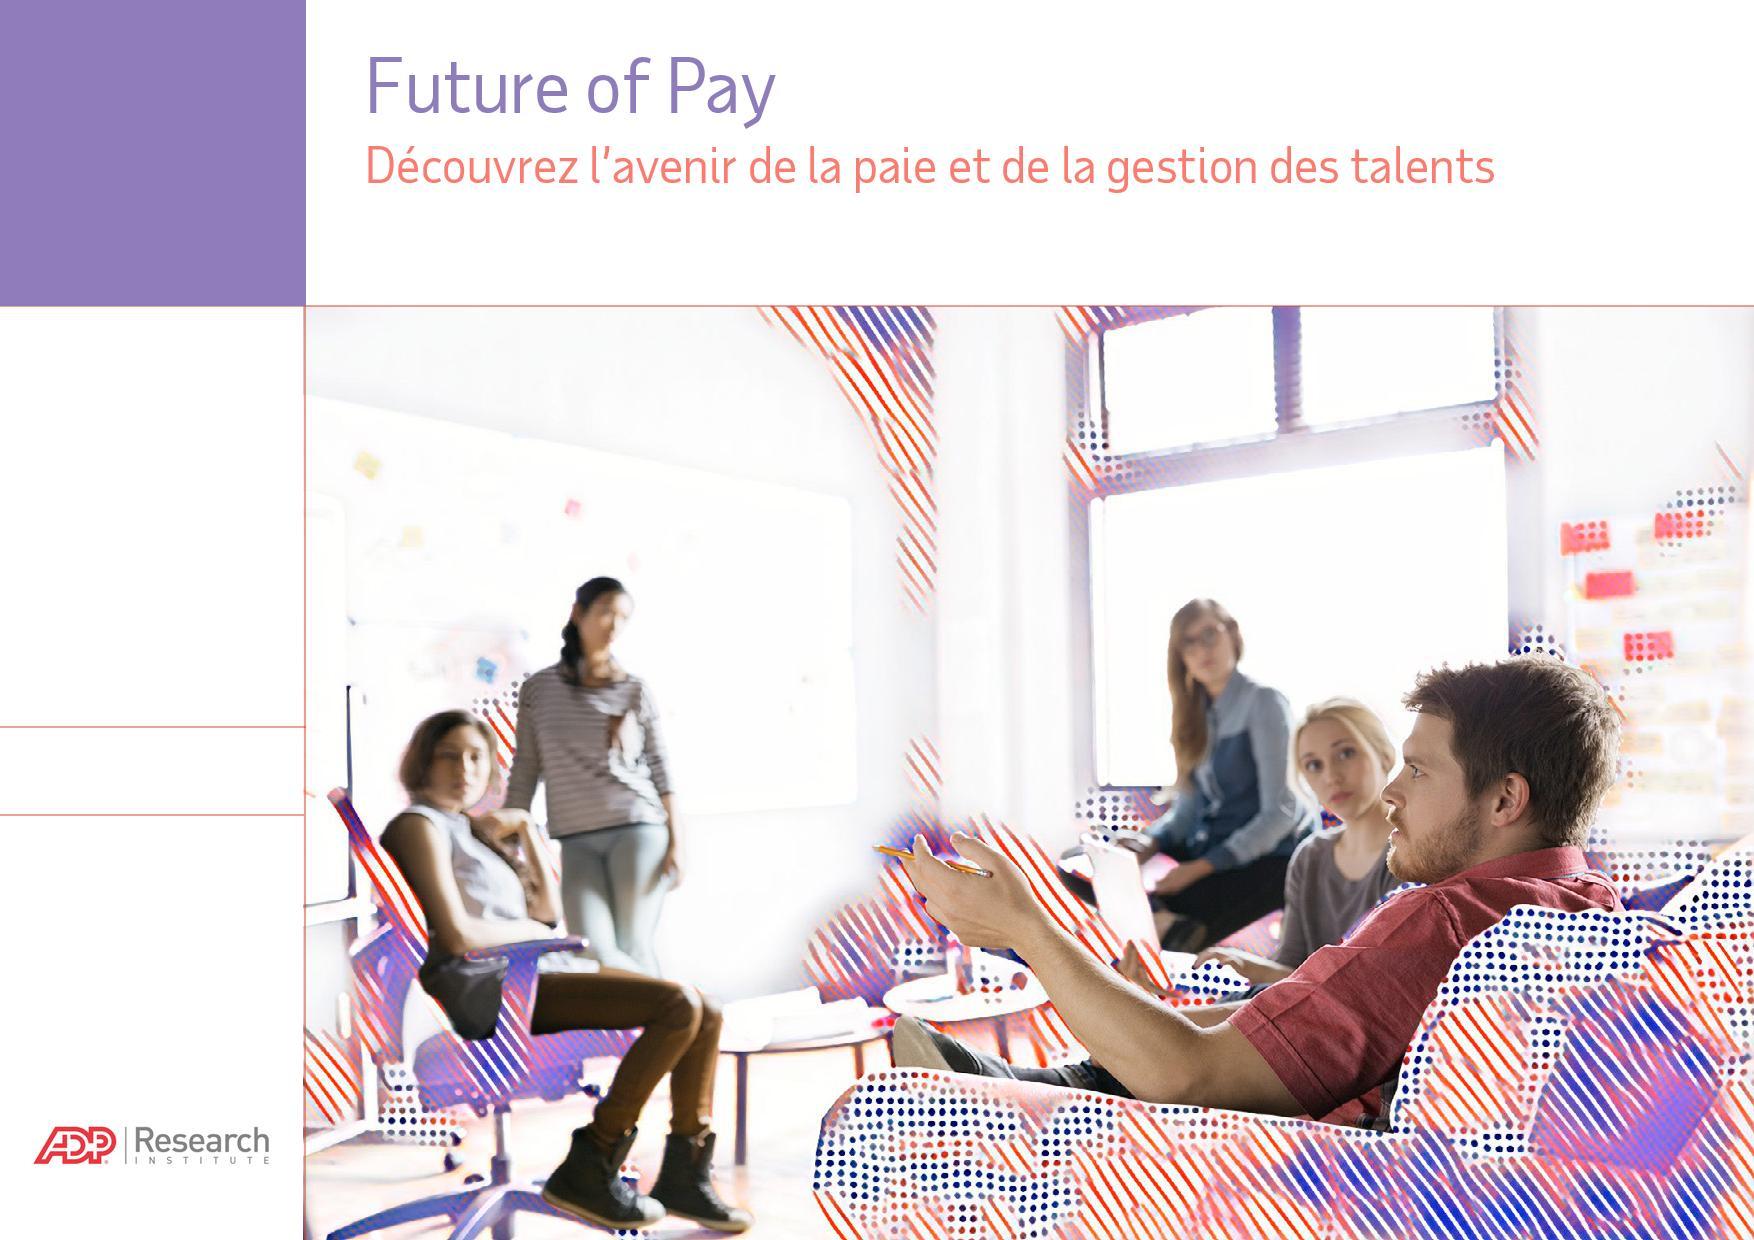 Future of Pay : Découvrez l'avenir de la paie et de la gestion des talents